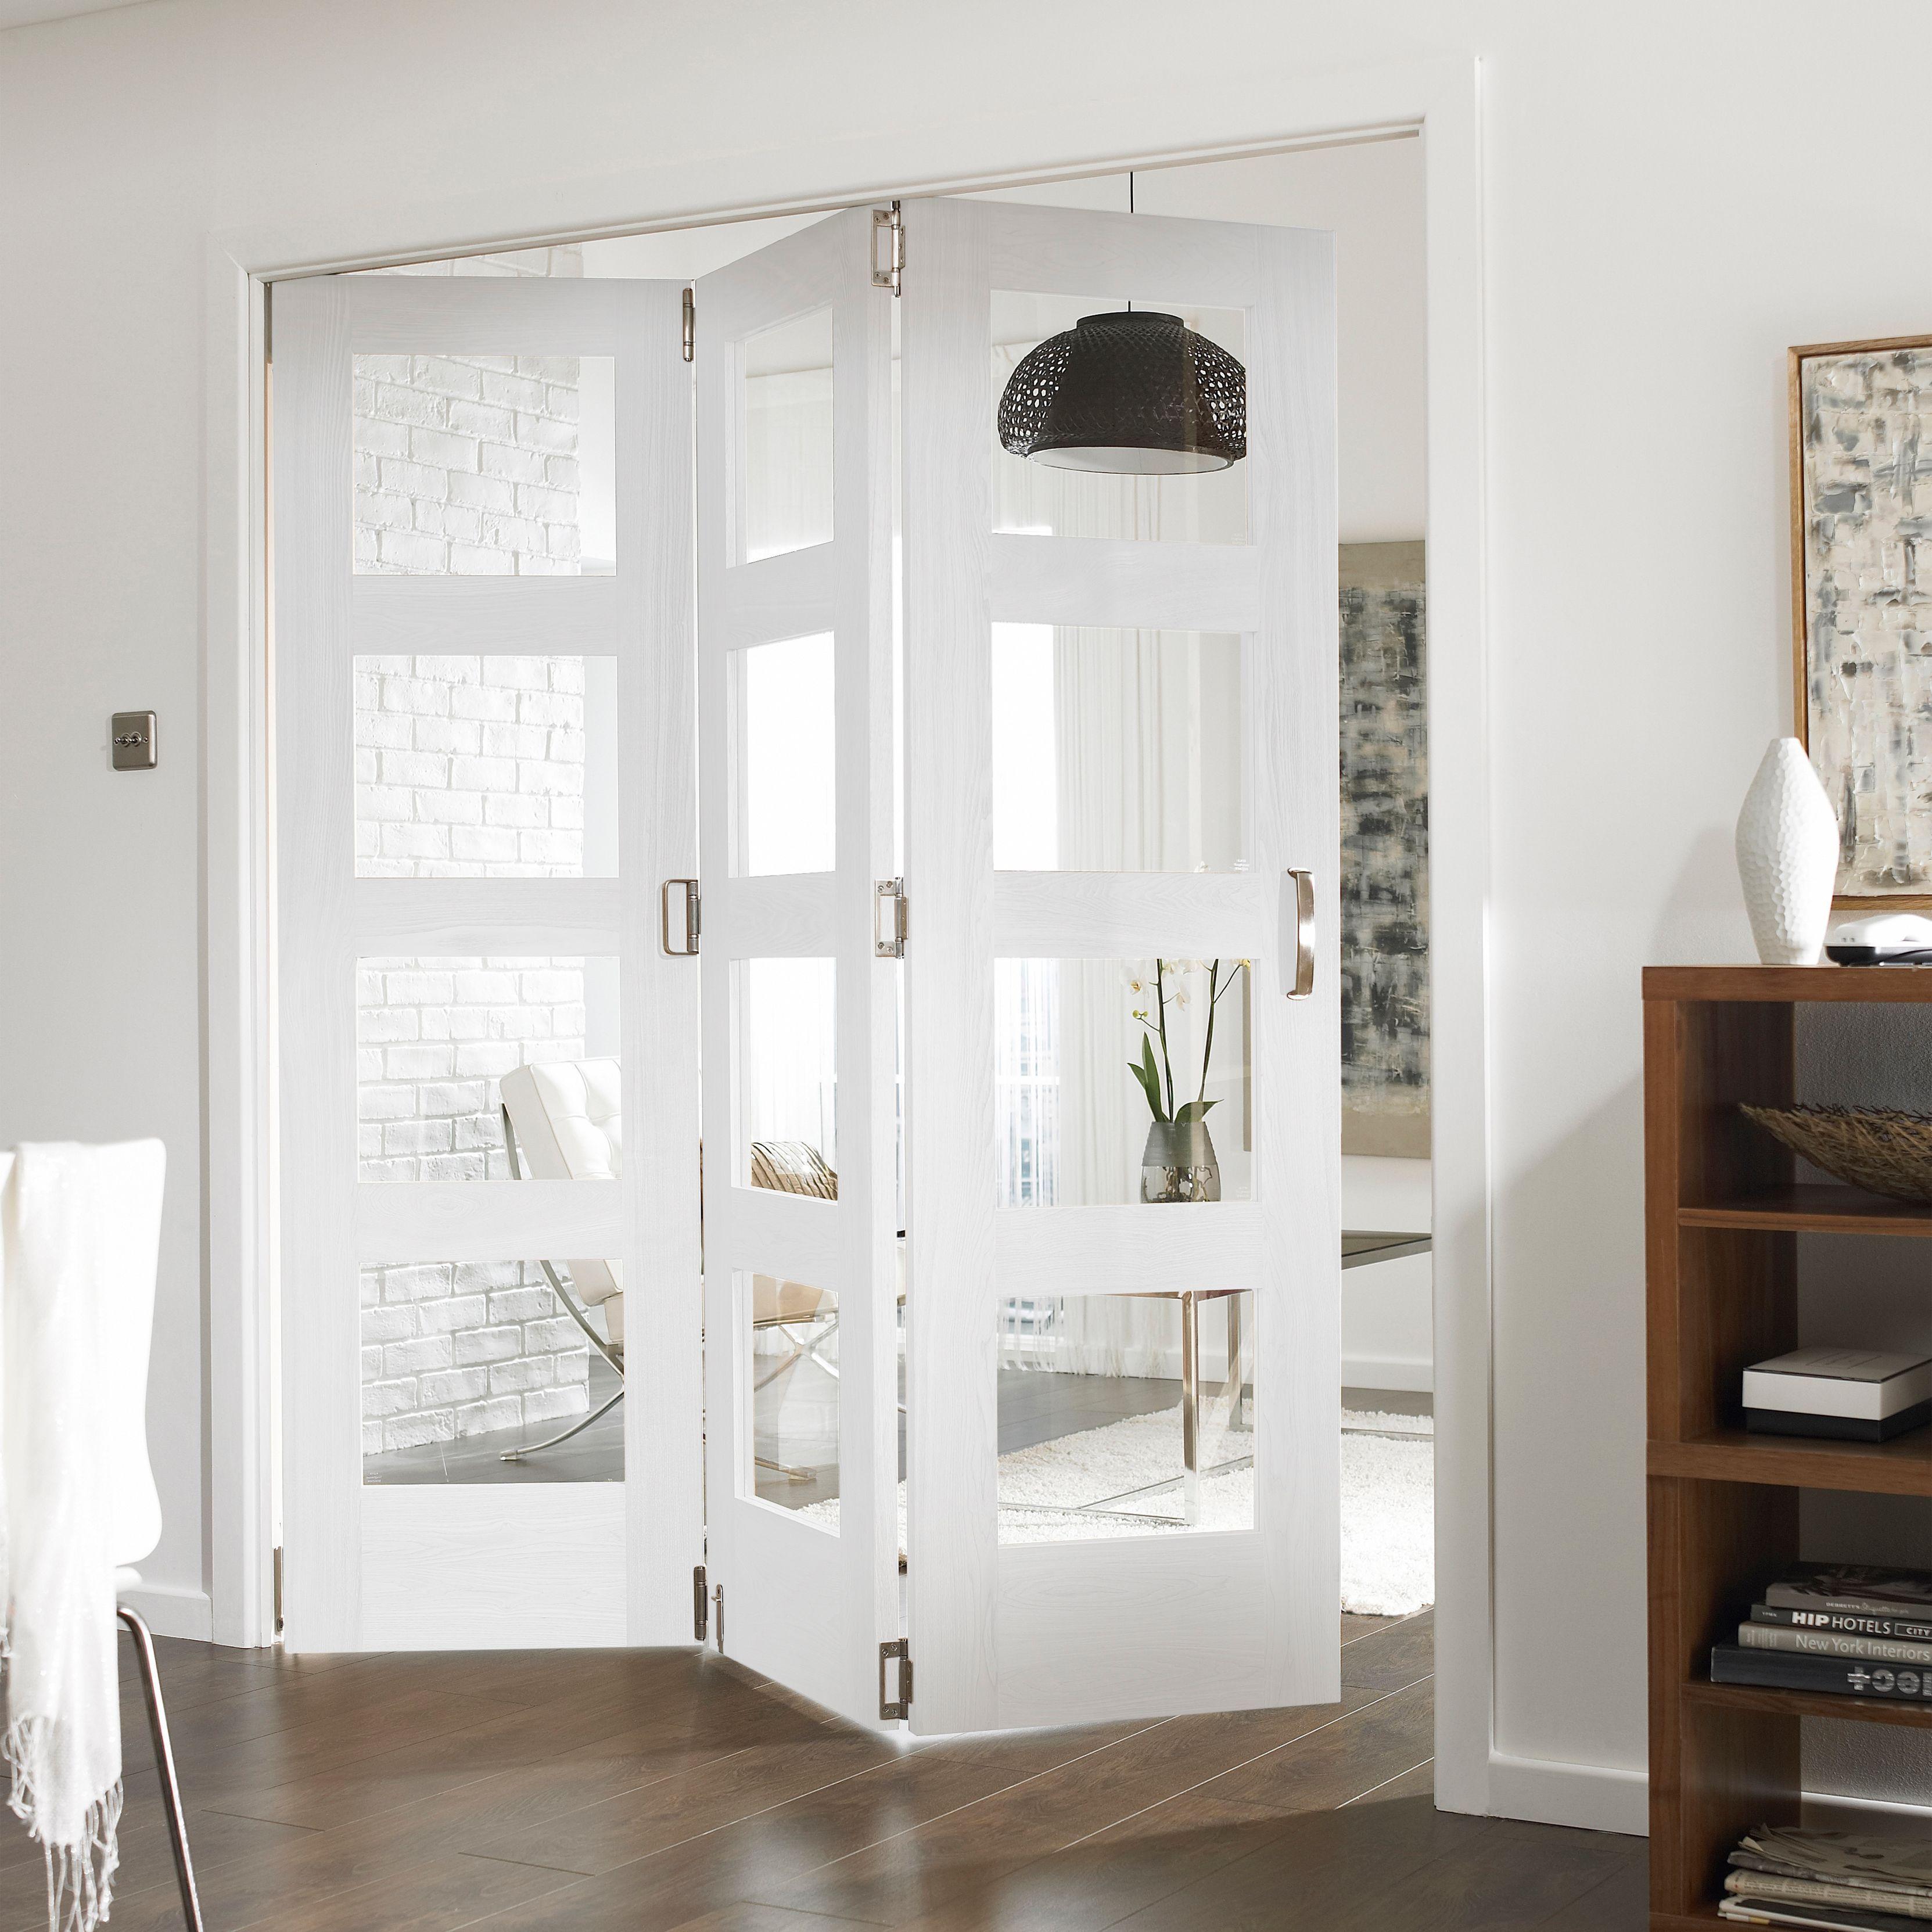 Bu0026Q doors Width good & Bu0026Q doors Width good | Done - Room Dividers | Pinterest | Divider ...